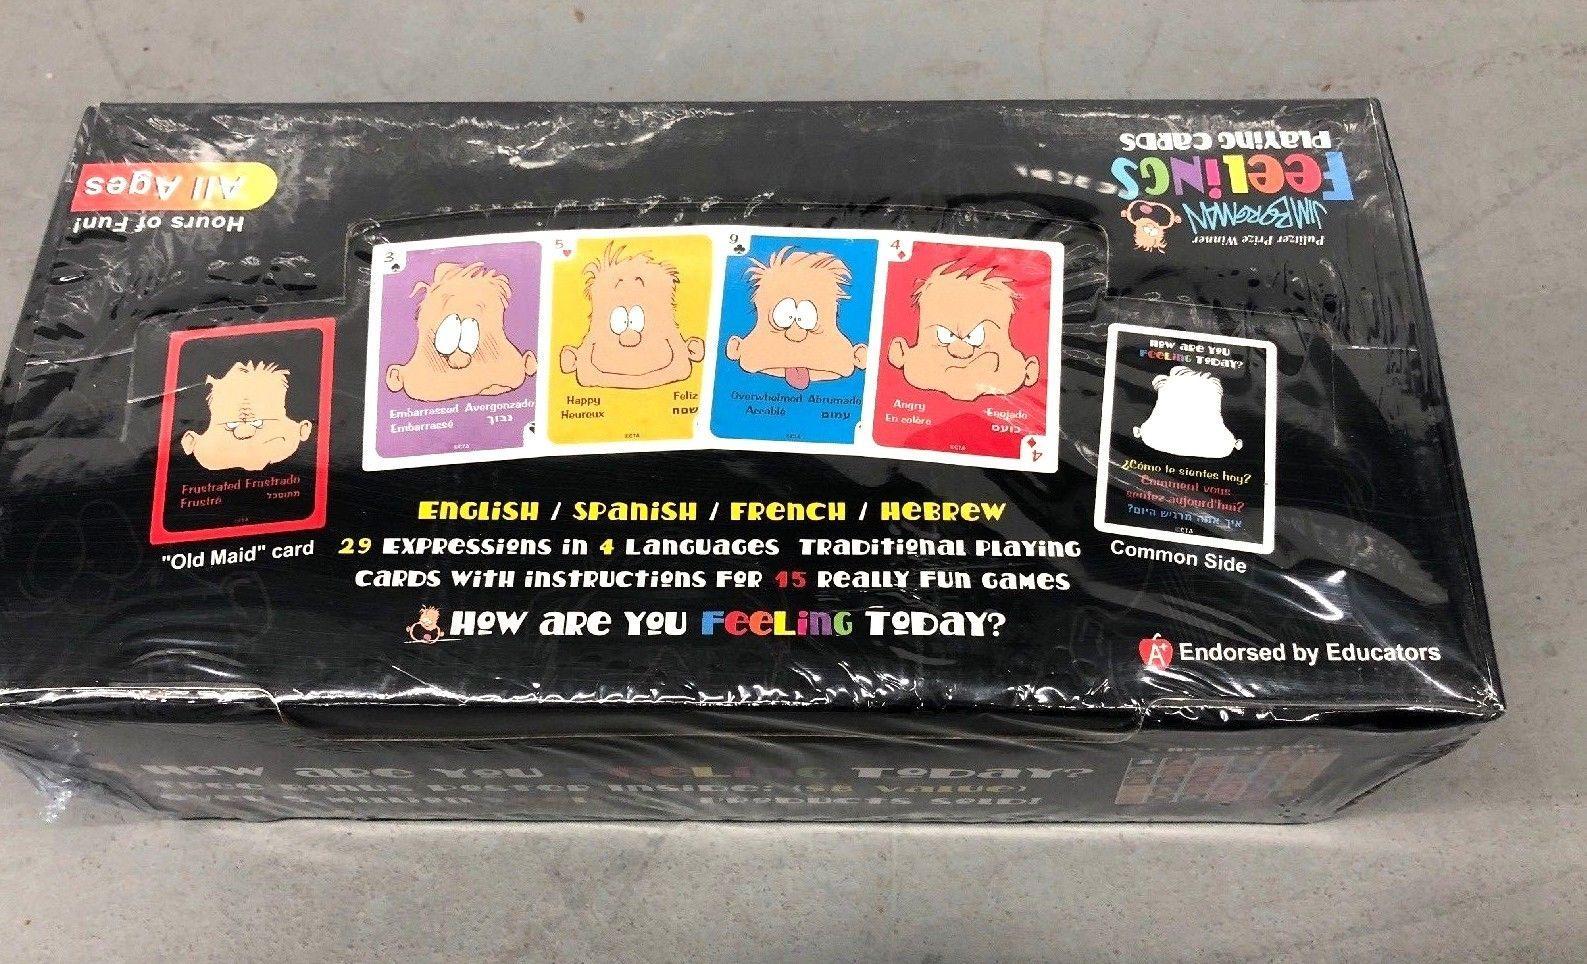 International Feelings Cards Jim Borgman and 50 similar items